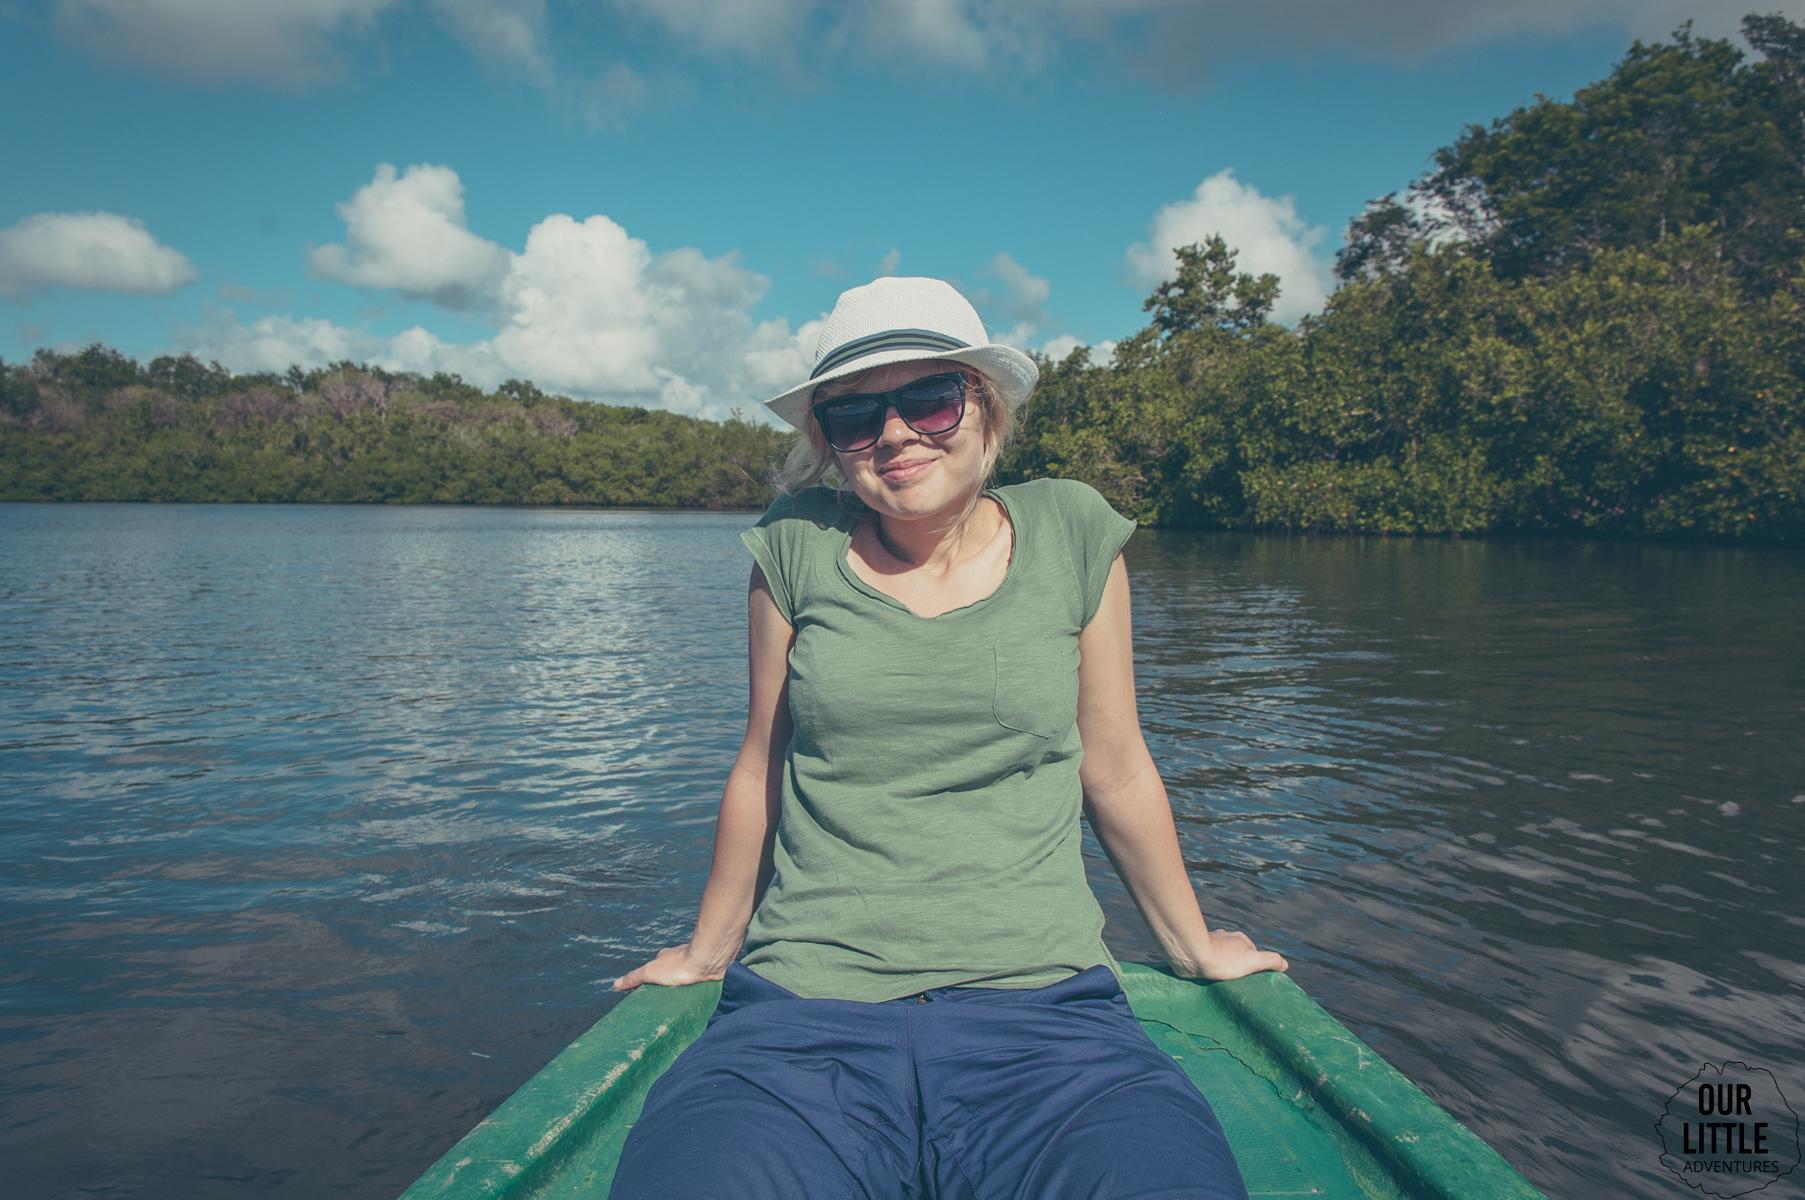 po Laguni Guanaroca pływa się łódką z przewodnikiem.